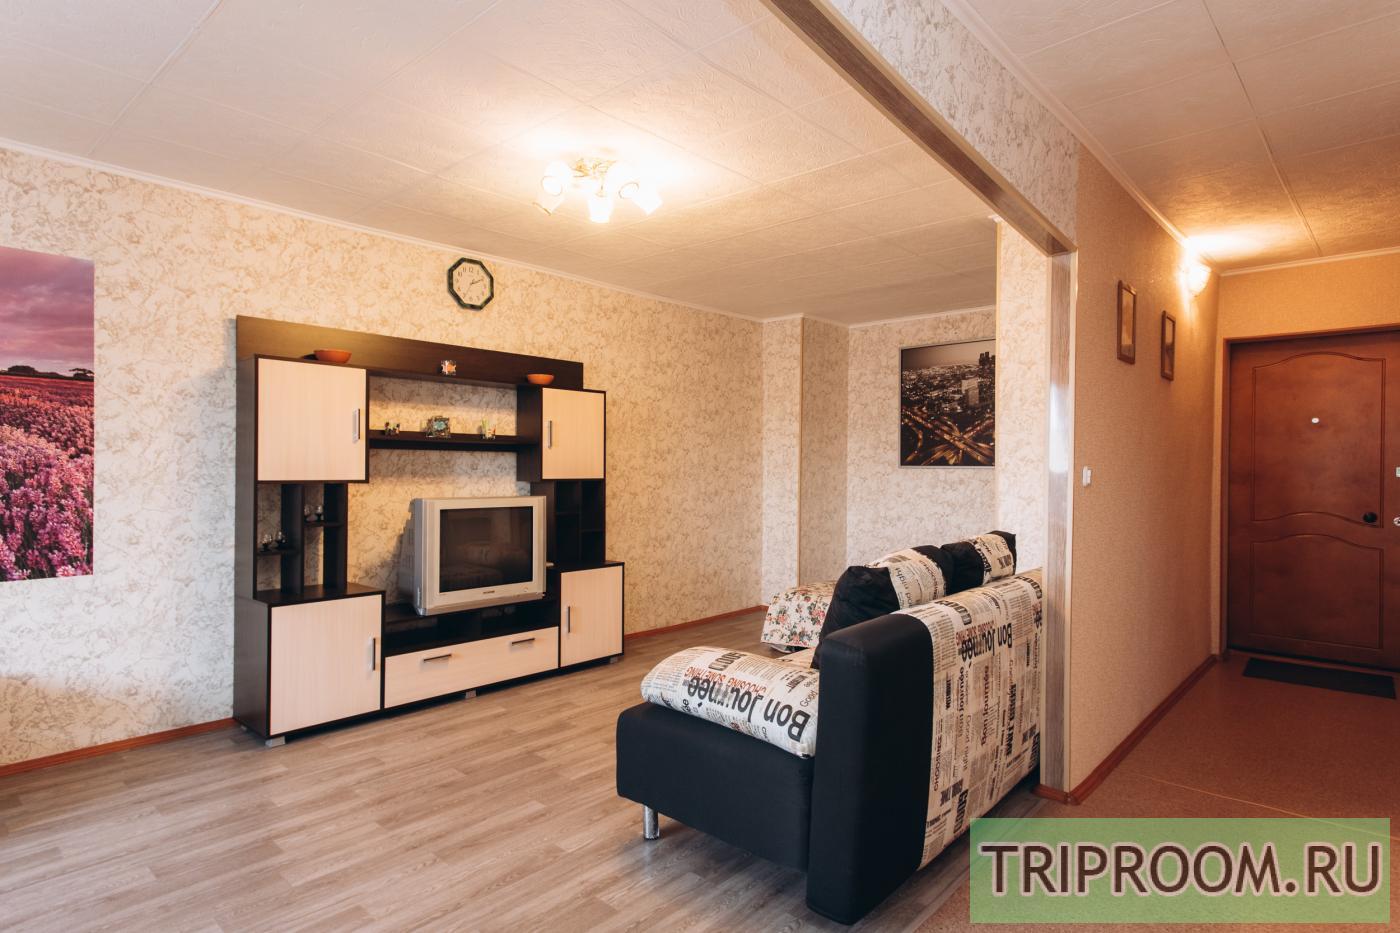 1-комнатная квартира посуточно (вариант № 14750), ул. Белореченская улица, фото № 8